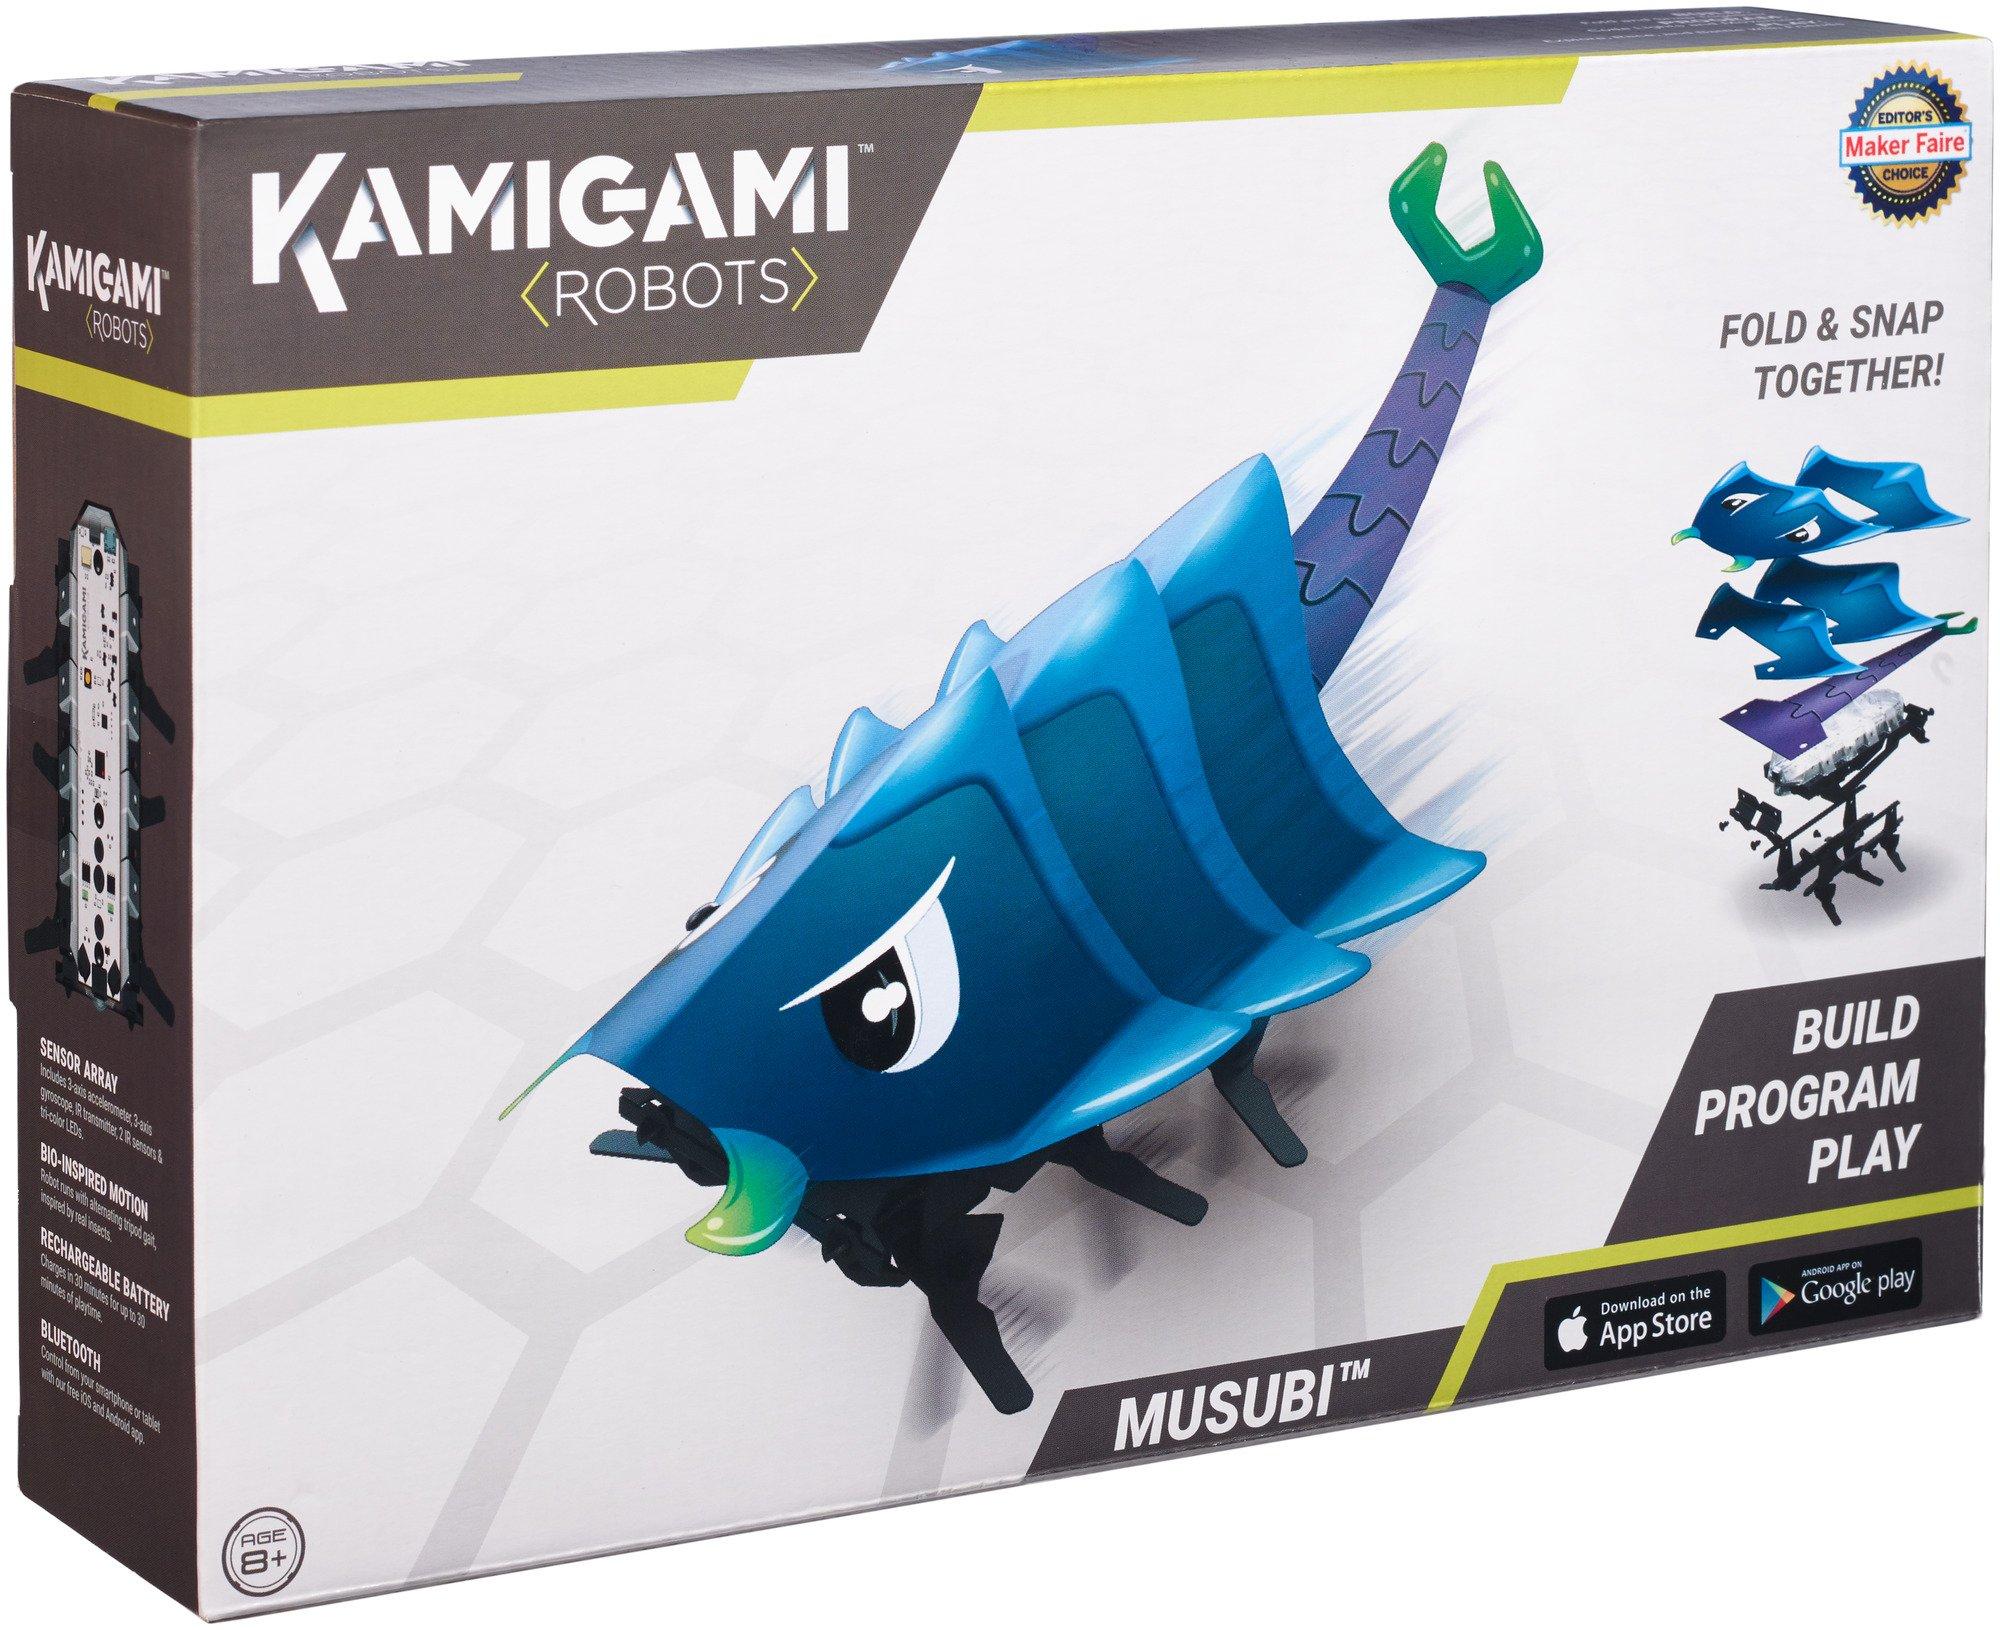 Kamigami Musubi Robot by Mattel (Image #21)